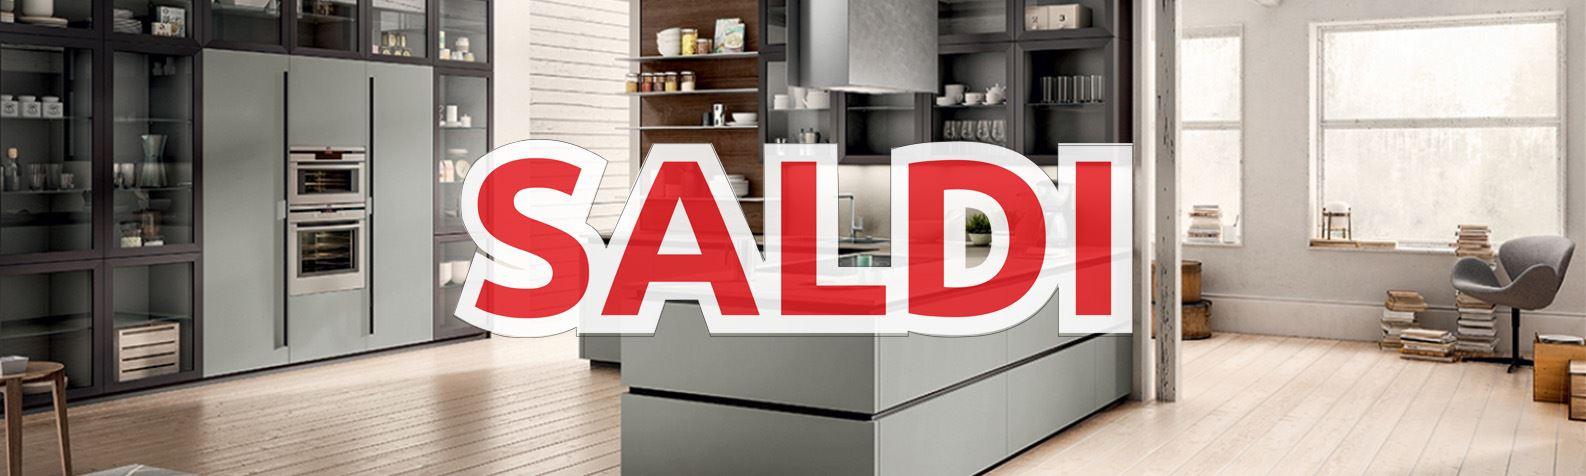 Saldi e offerte di mobili da arredamenti meneghello for Saldi arredamento